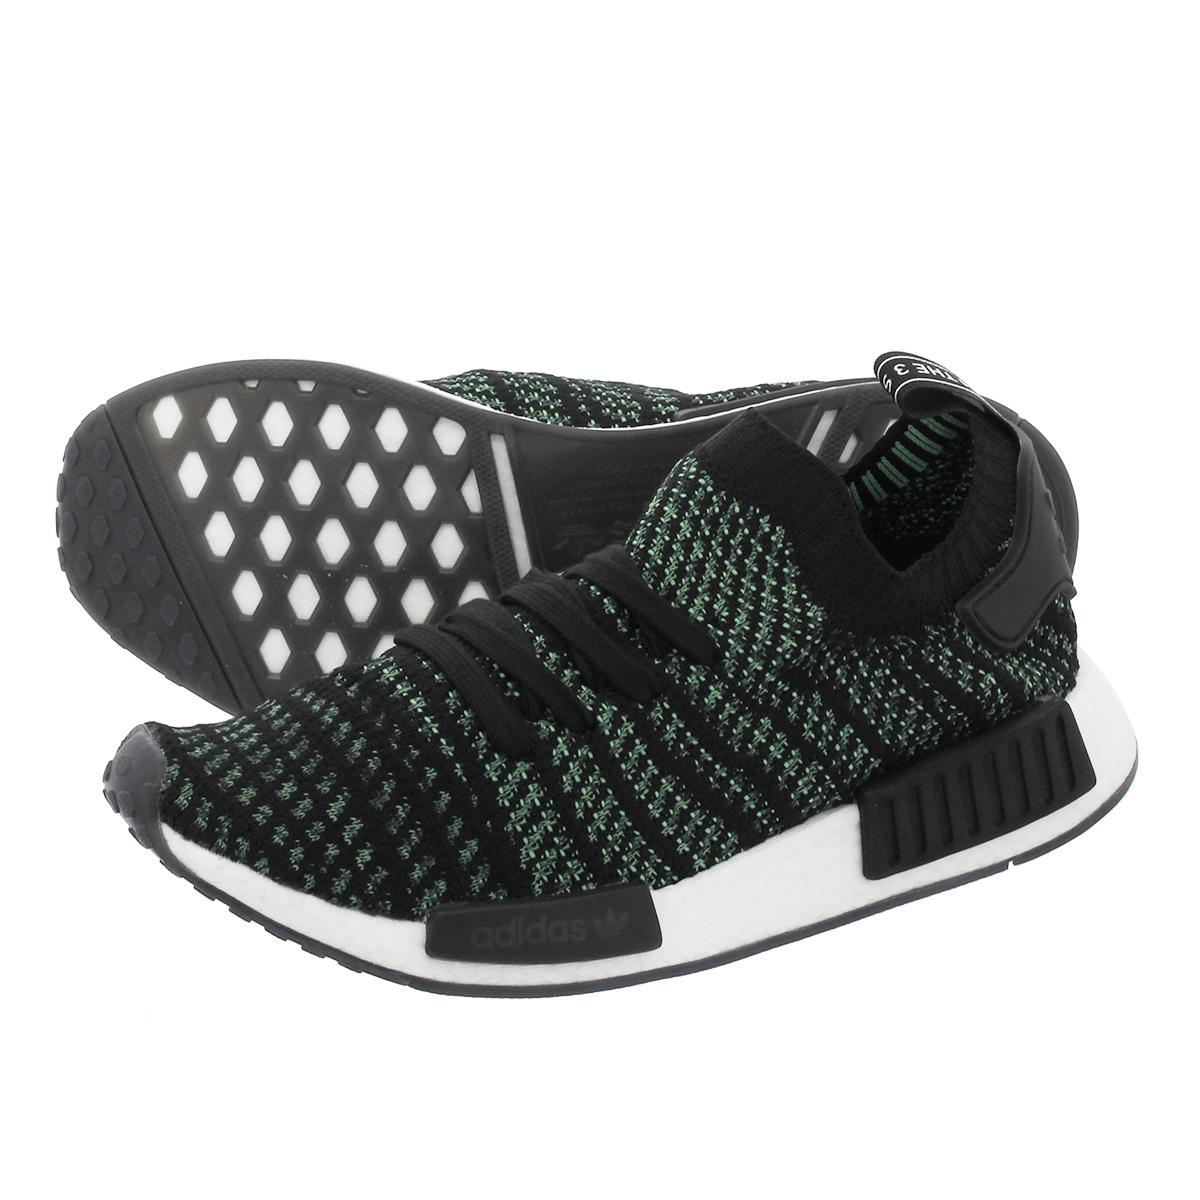 【毎日がお得!値下げプライス】 adidas NMD_R1 STLT PK アディダス NMD R1 STLT PK CORE BLACK/NOBLE GREEN/BOLD GREEN aq0936